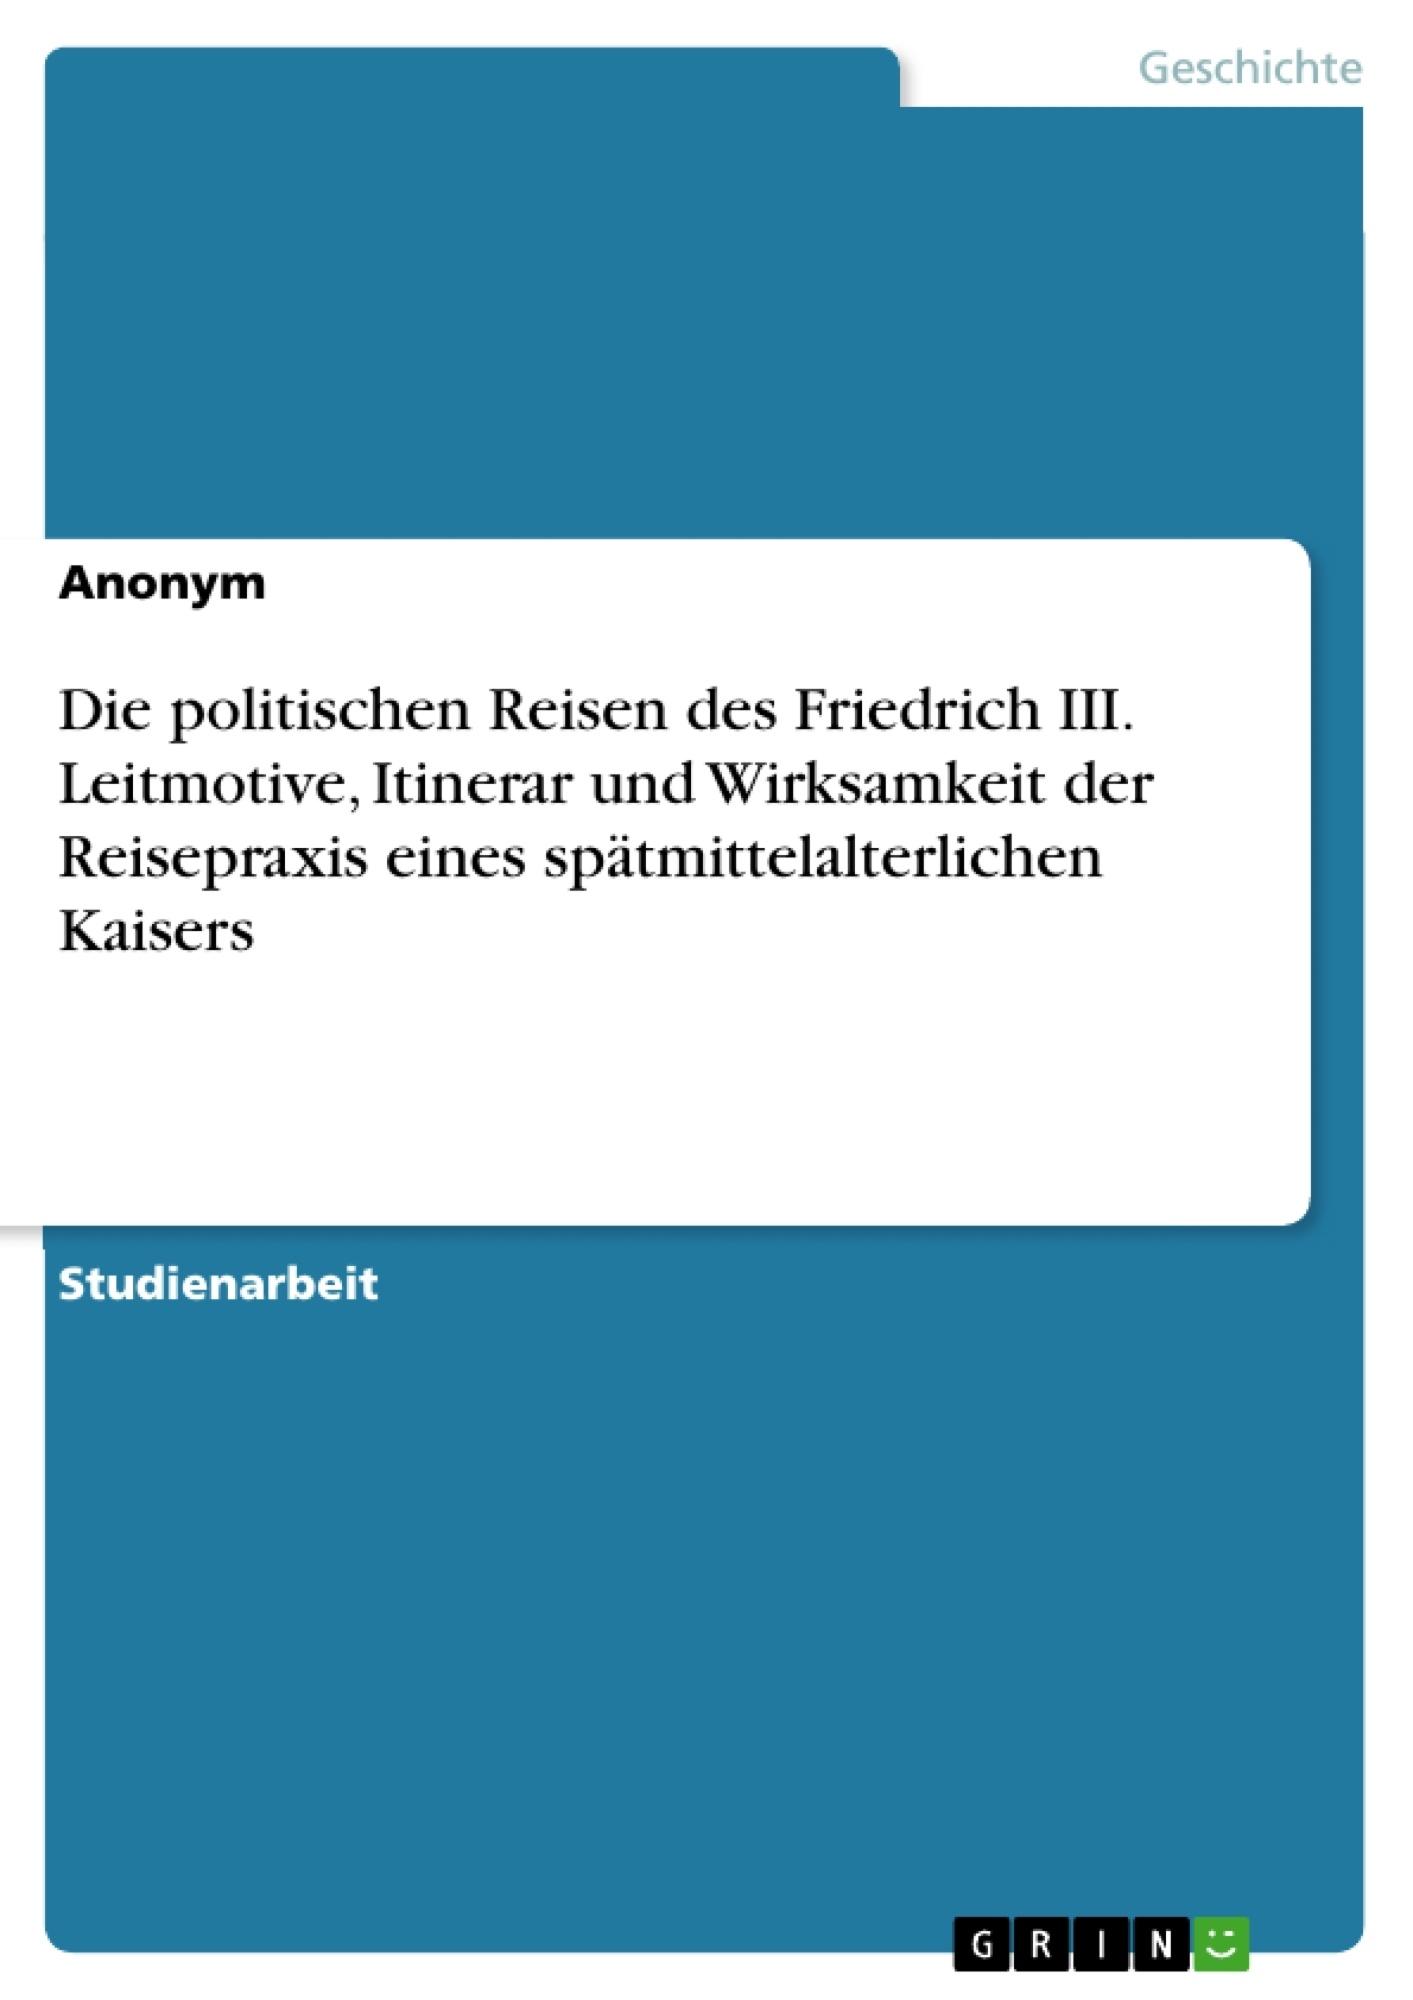 Titel: Die politischen Reisen des Friedrich III. Leitmotive, Itinerar und Wirksamkeit der Reisepraxis eines spätmittelalterlichen Kaisers